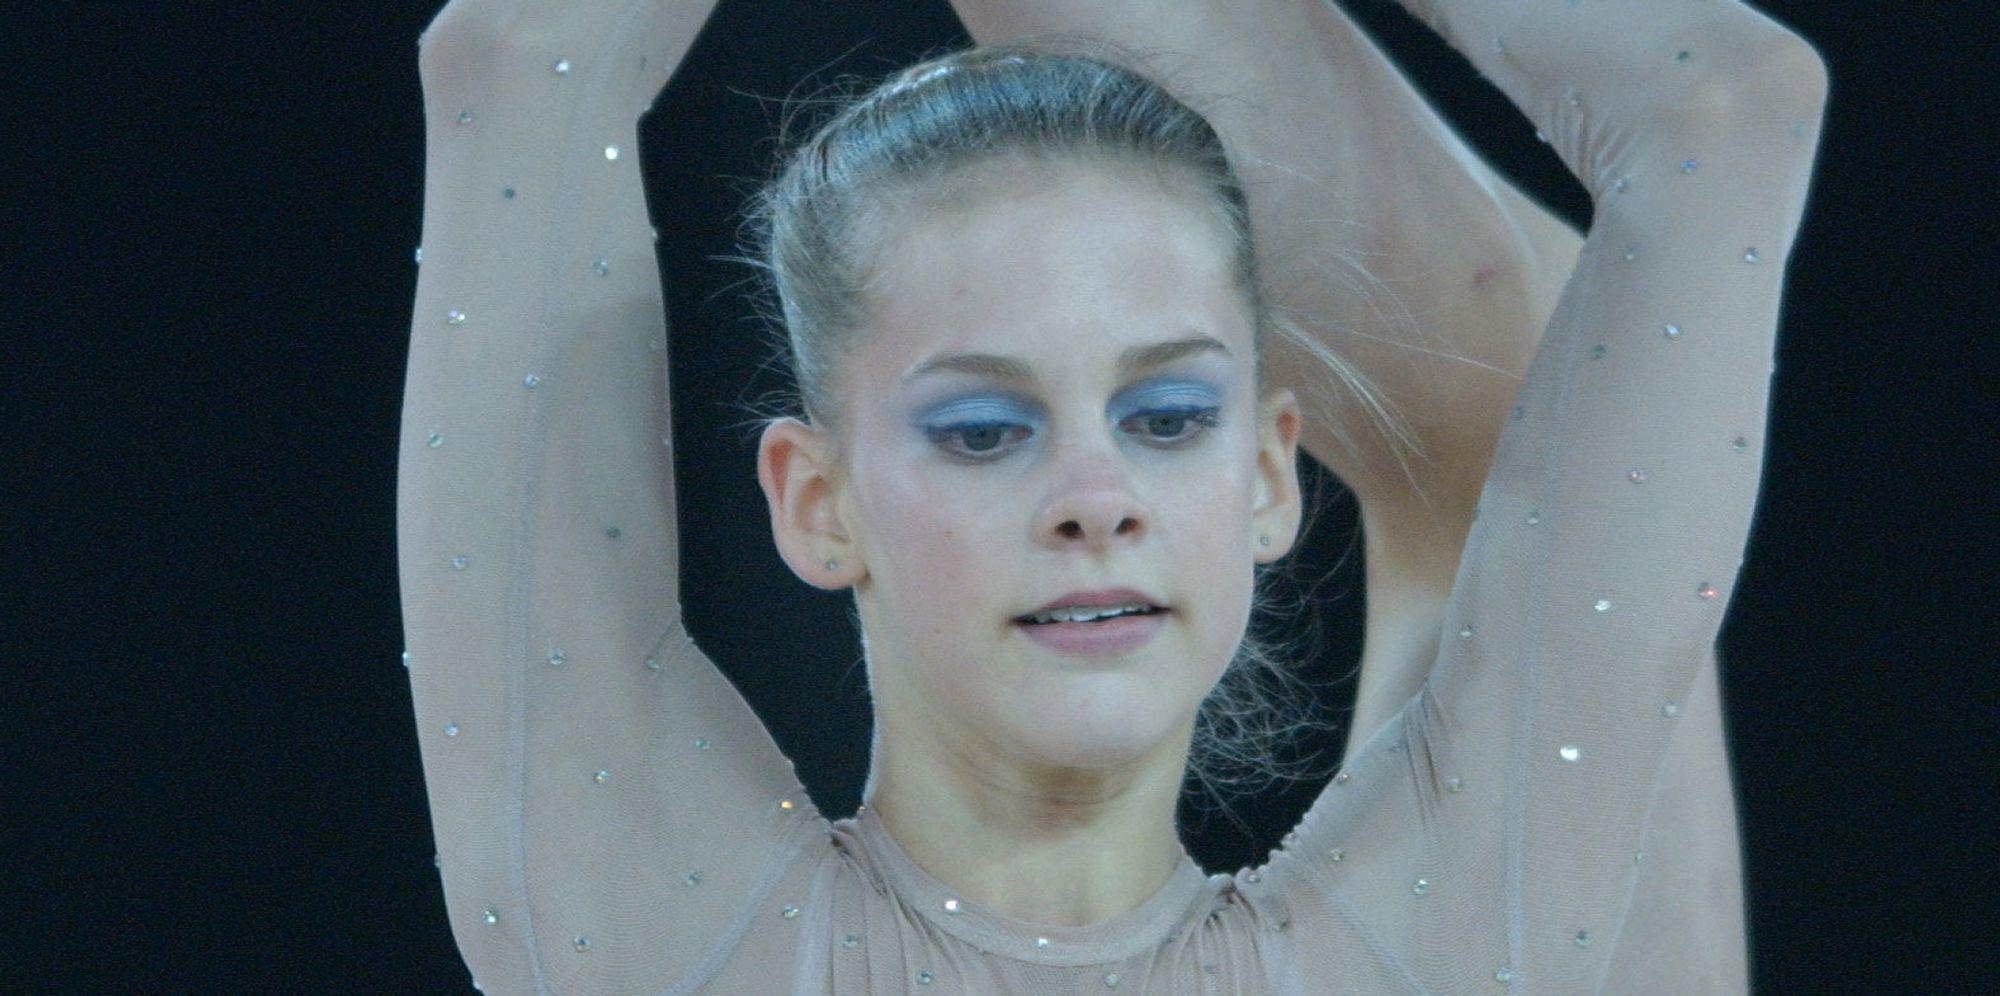 former u s rhythmic gymnast pens powerful essay on crippling former u s rhythmic gymnast pens powerful essay on crippling sexual abuse